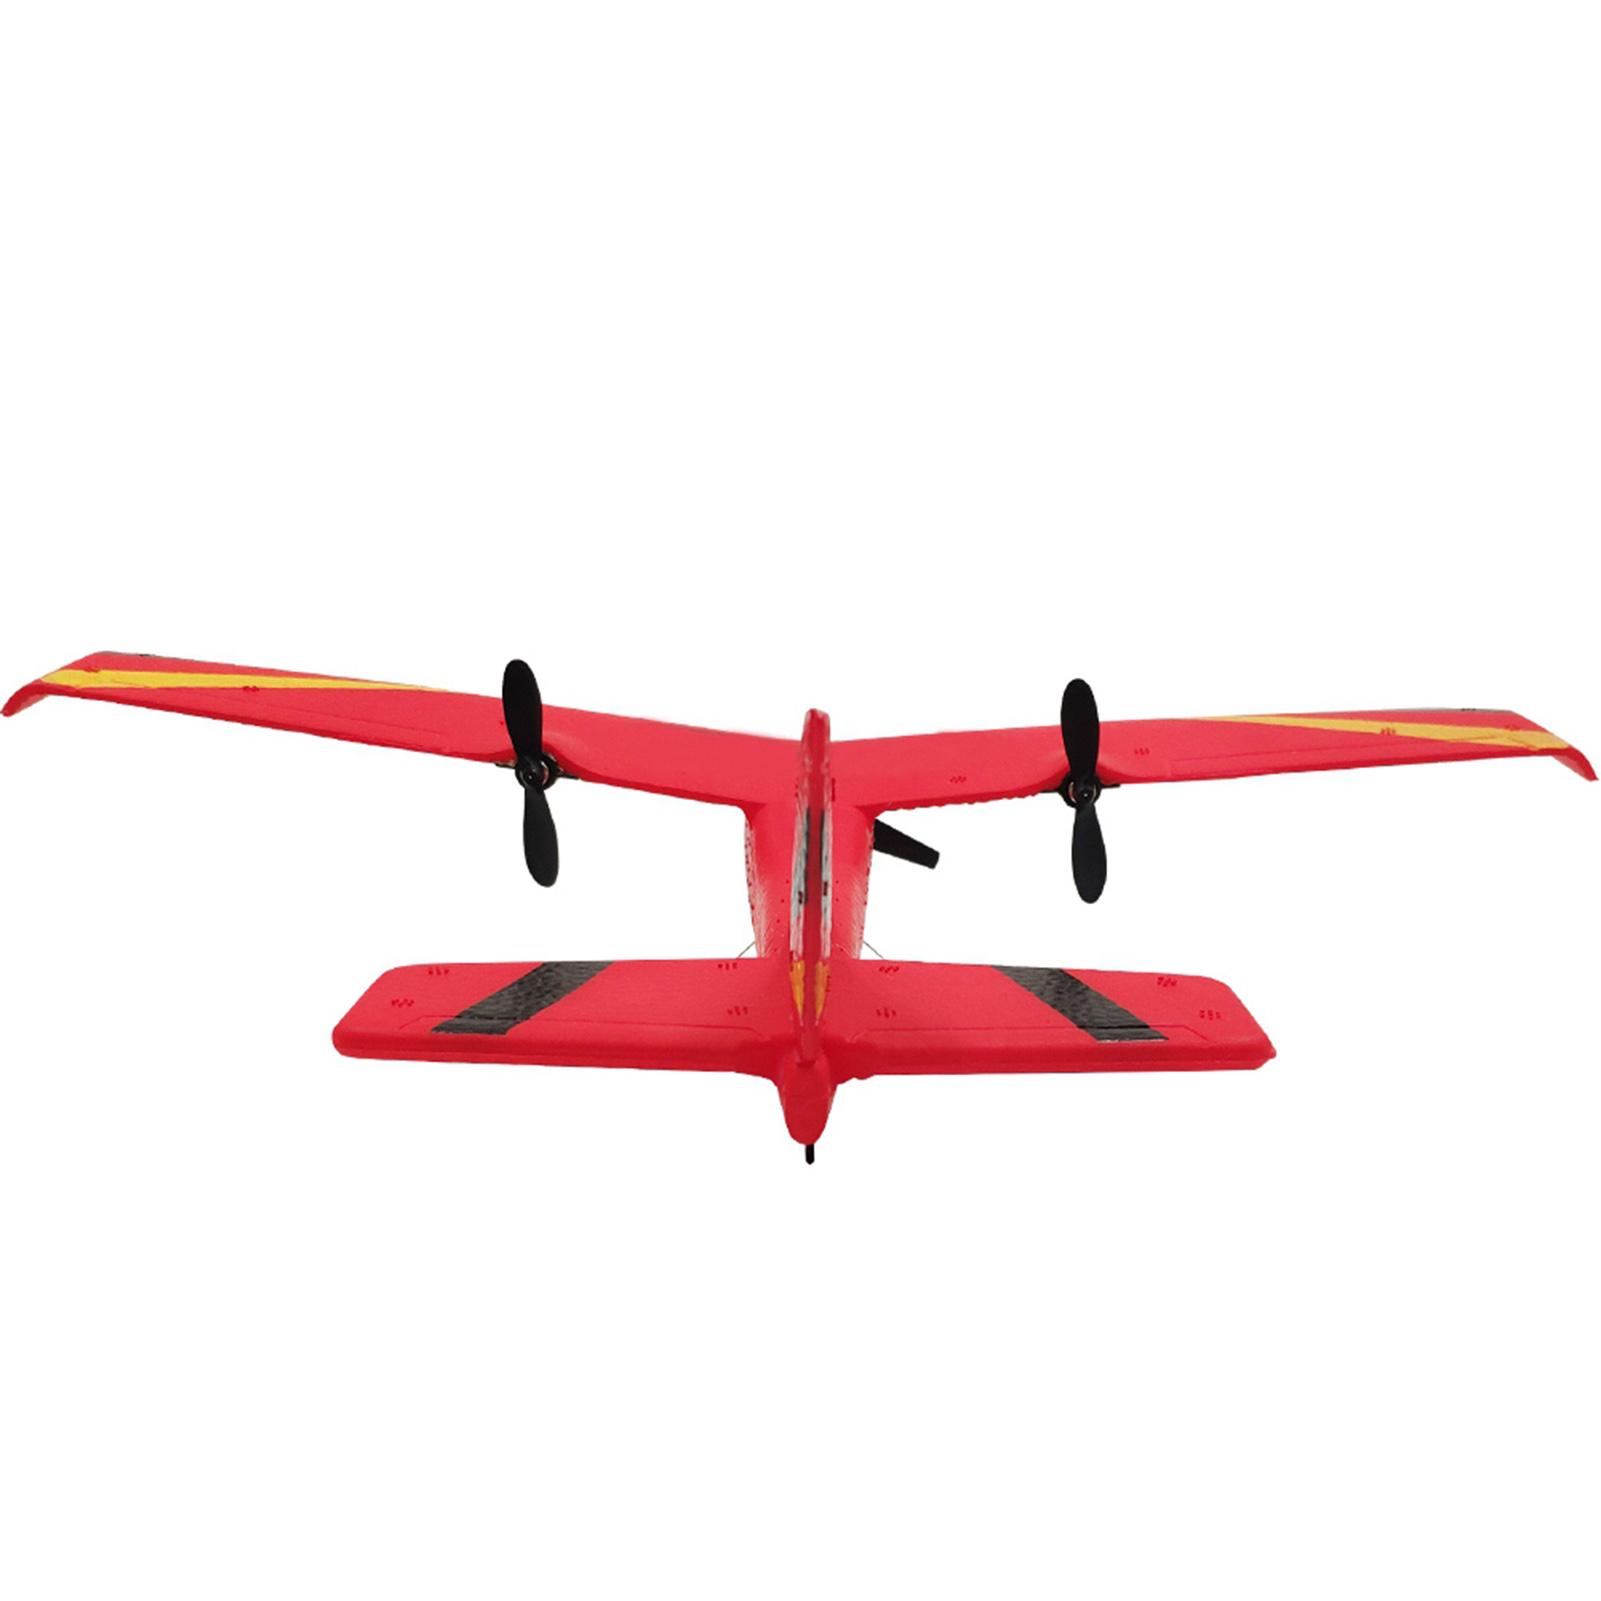 miniatura 15 - 2.4G ZC-Z50 Telecomando Aereo Aliante EPP ala fissa modello di velivolo radiocomandato giocattolo